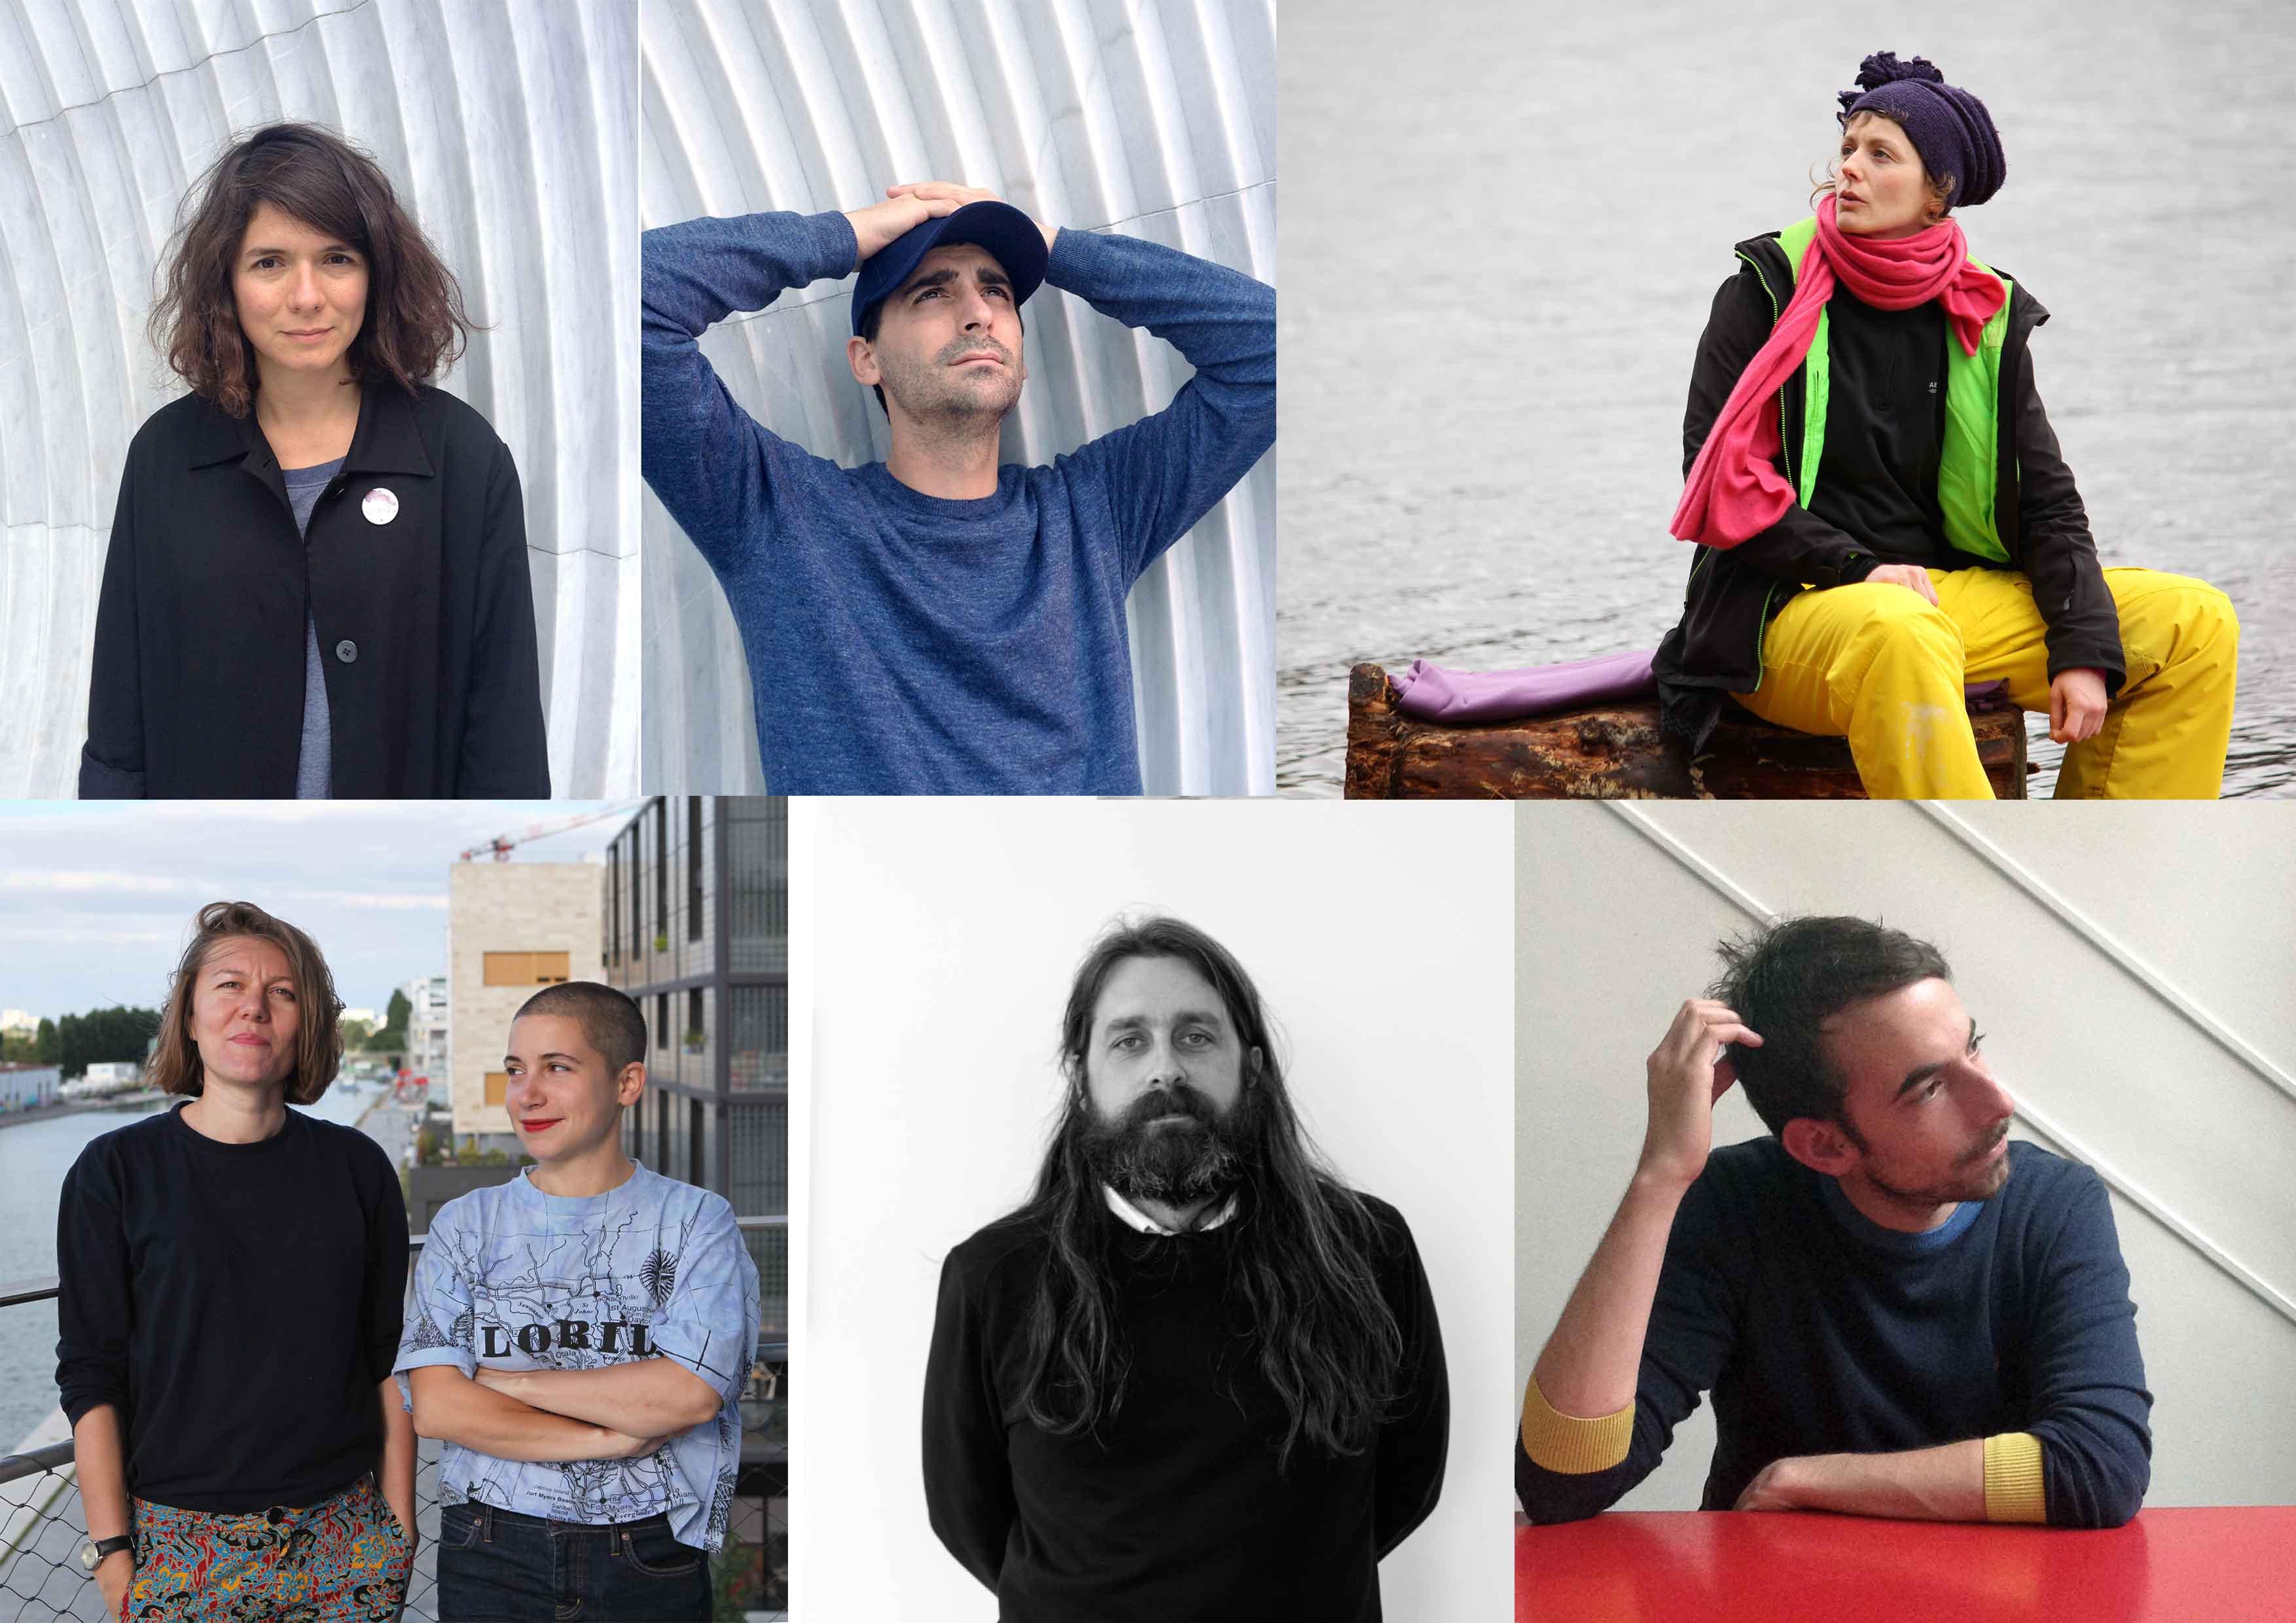 Célia Picard & Hannes Schreckensberger, Julie Chaffort, Victorine Grataloup & Diane Turquety, Olivier Kosta-Thefaine, Gabriel Desplanque